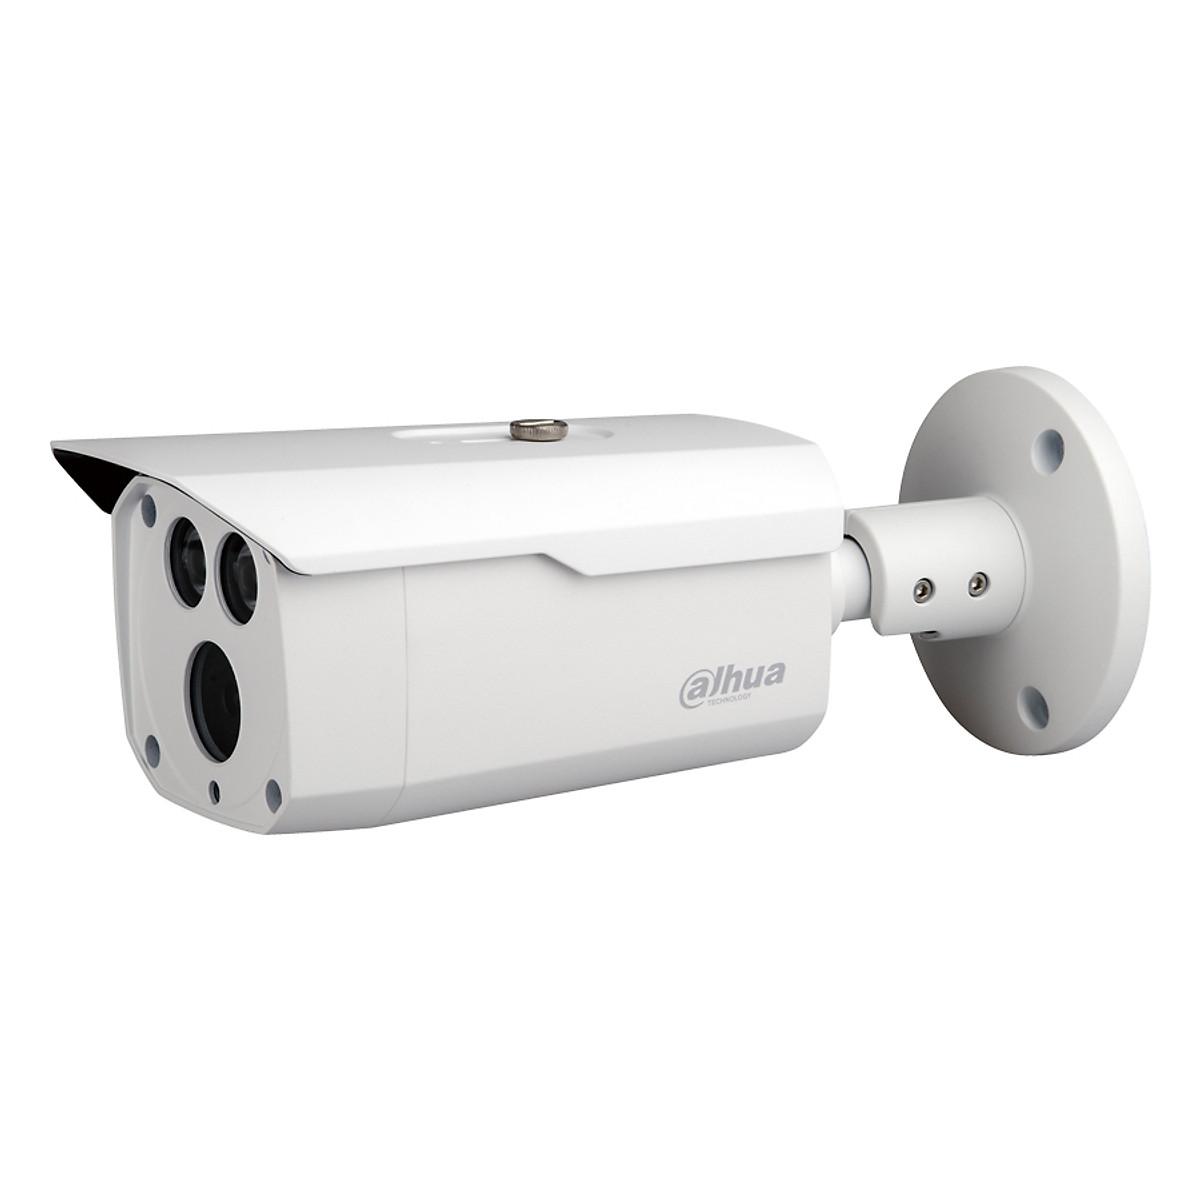 Camera Dahua HAC-HFW1200DP-S4 2.0 Megapixel – Hàng Nhập Khẩu